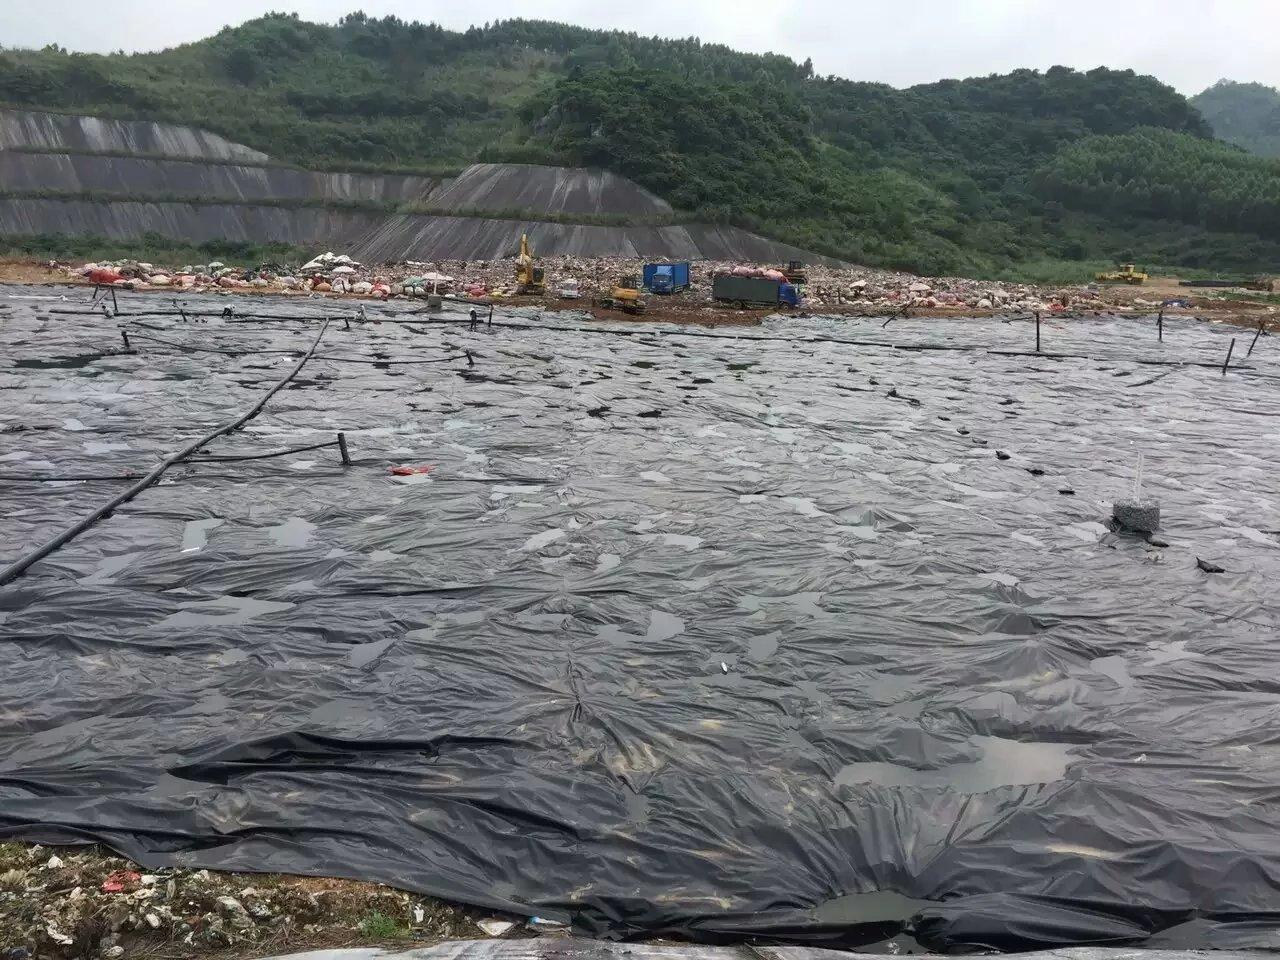 柳州立冲沟城市垃圾填埋场覆盖工程  垃圾填埋场案例 第3张